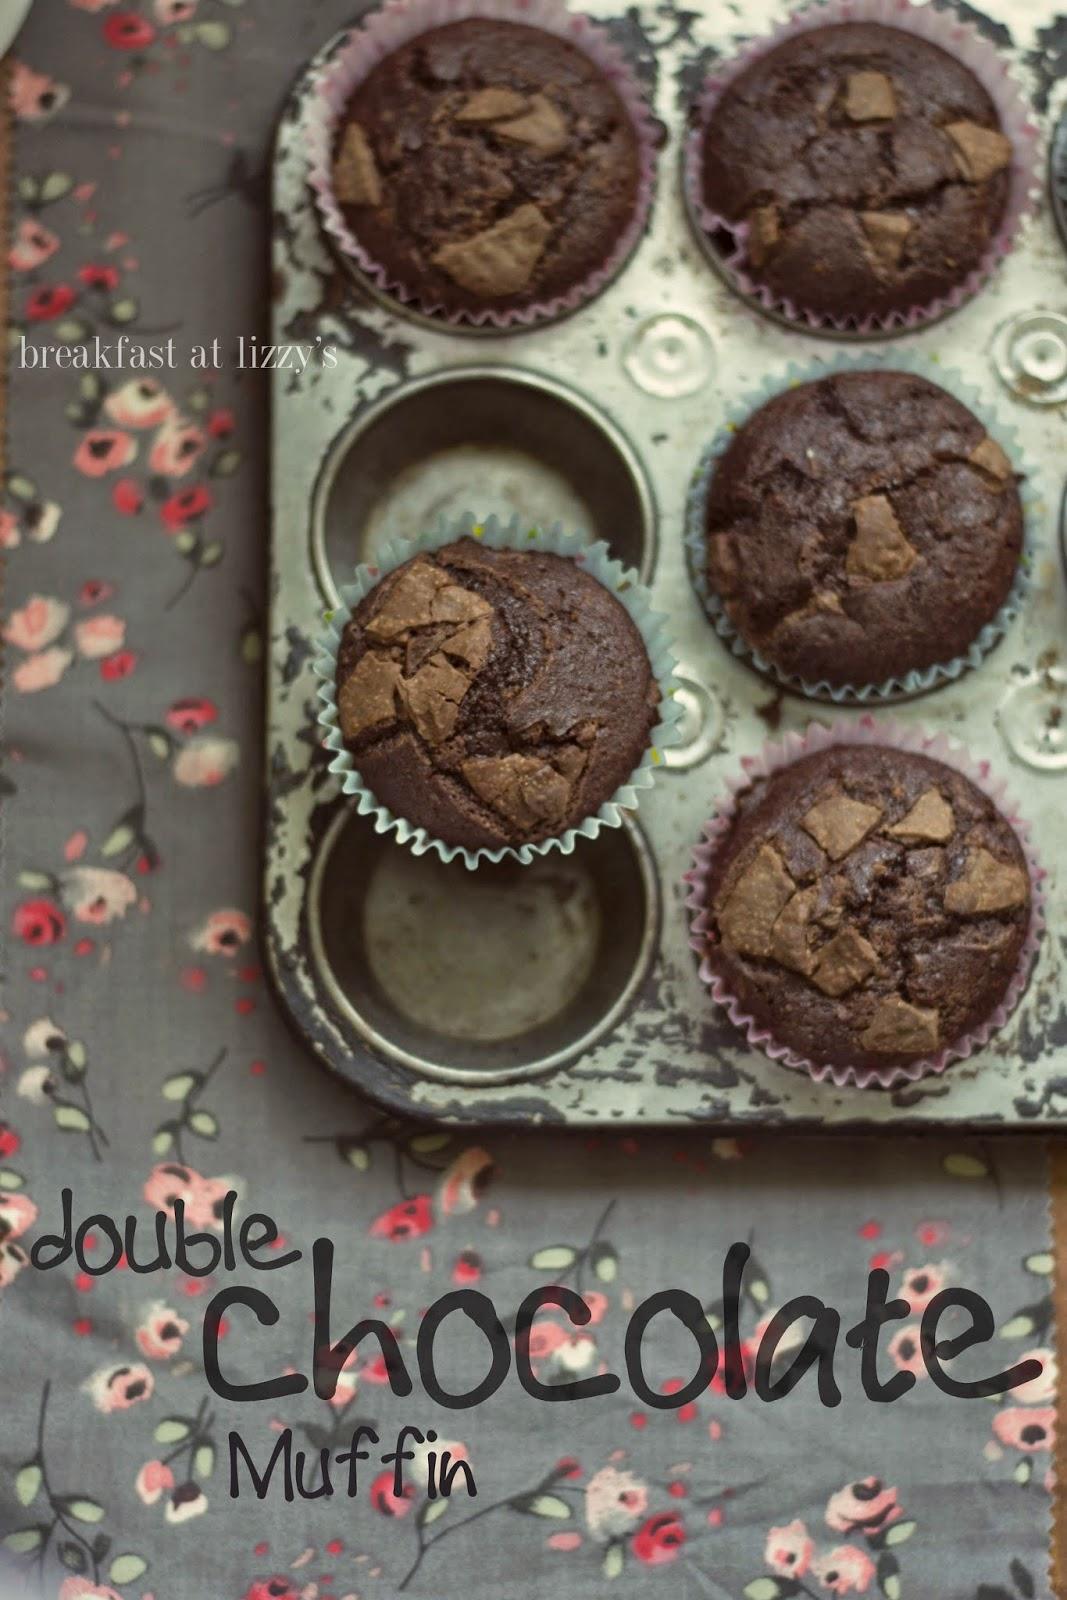 breakfast at lizzy's - muffin doppio cioccolato